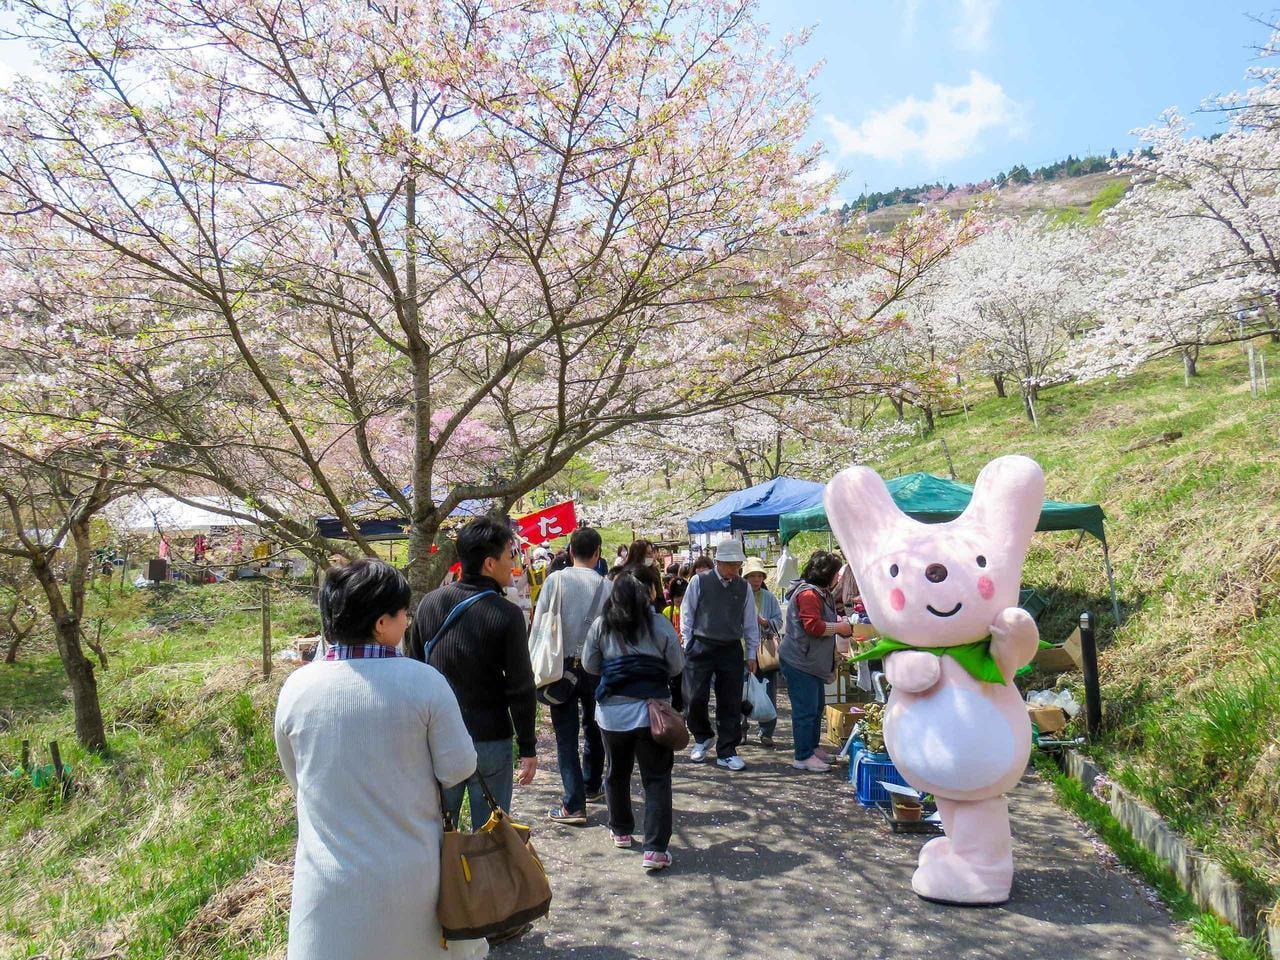 【2020年4月11・12日】かみかわ桜の山「桜華園さくらまつり」【中止】